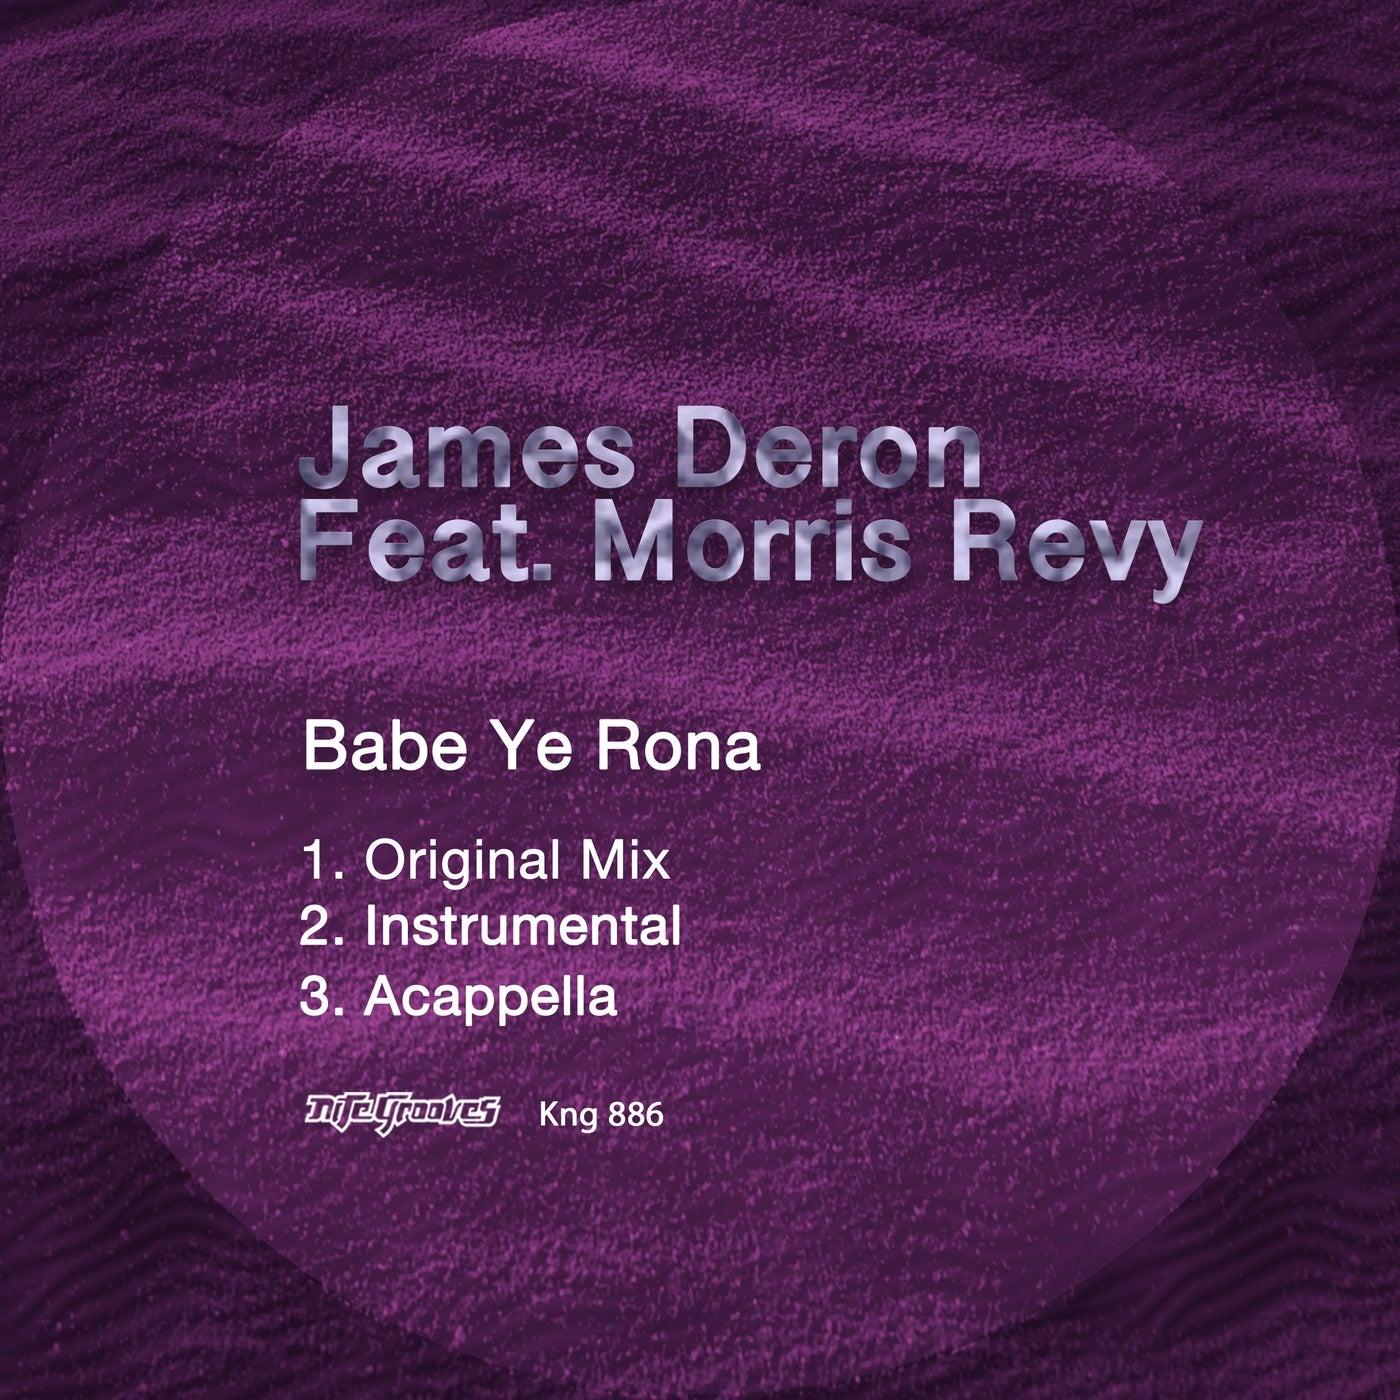 Babe Ye Rona (Original Mix)